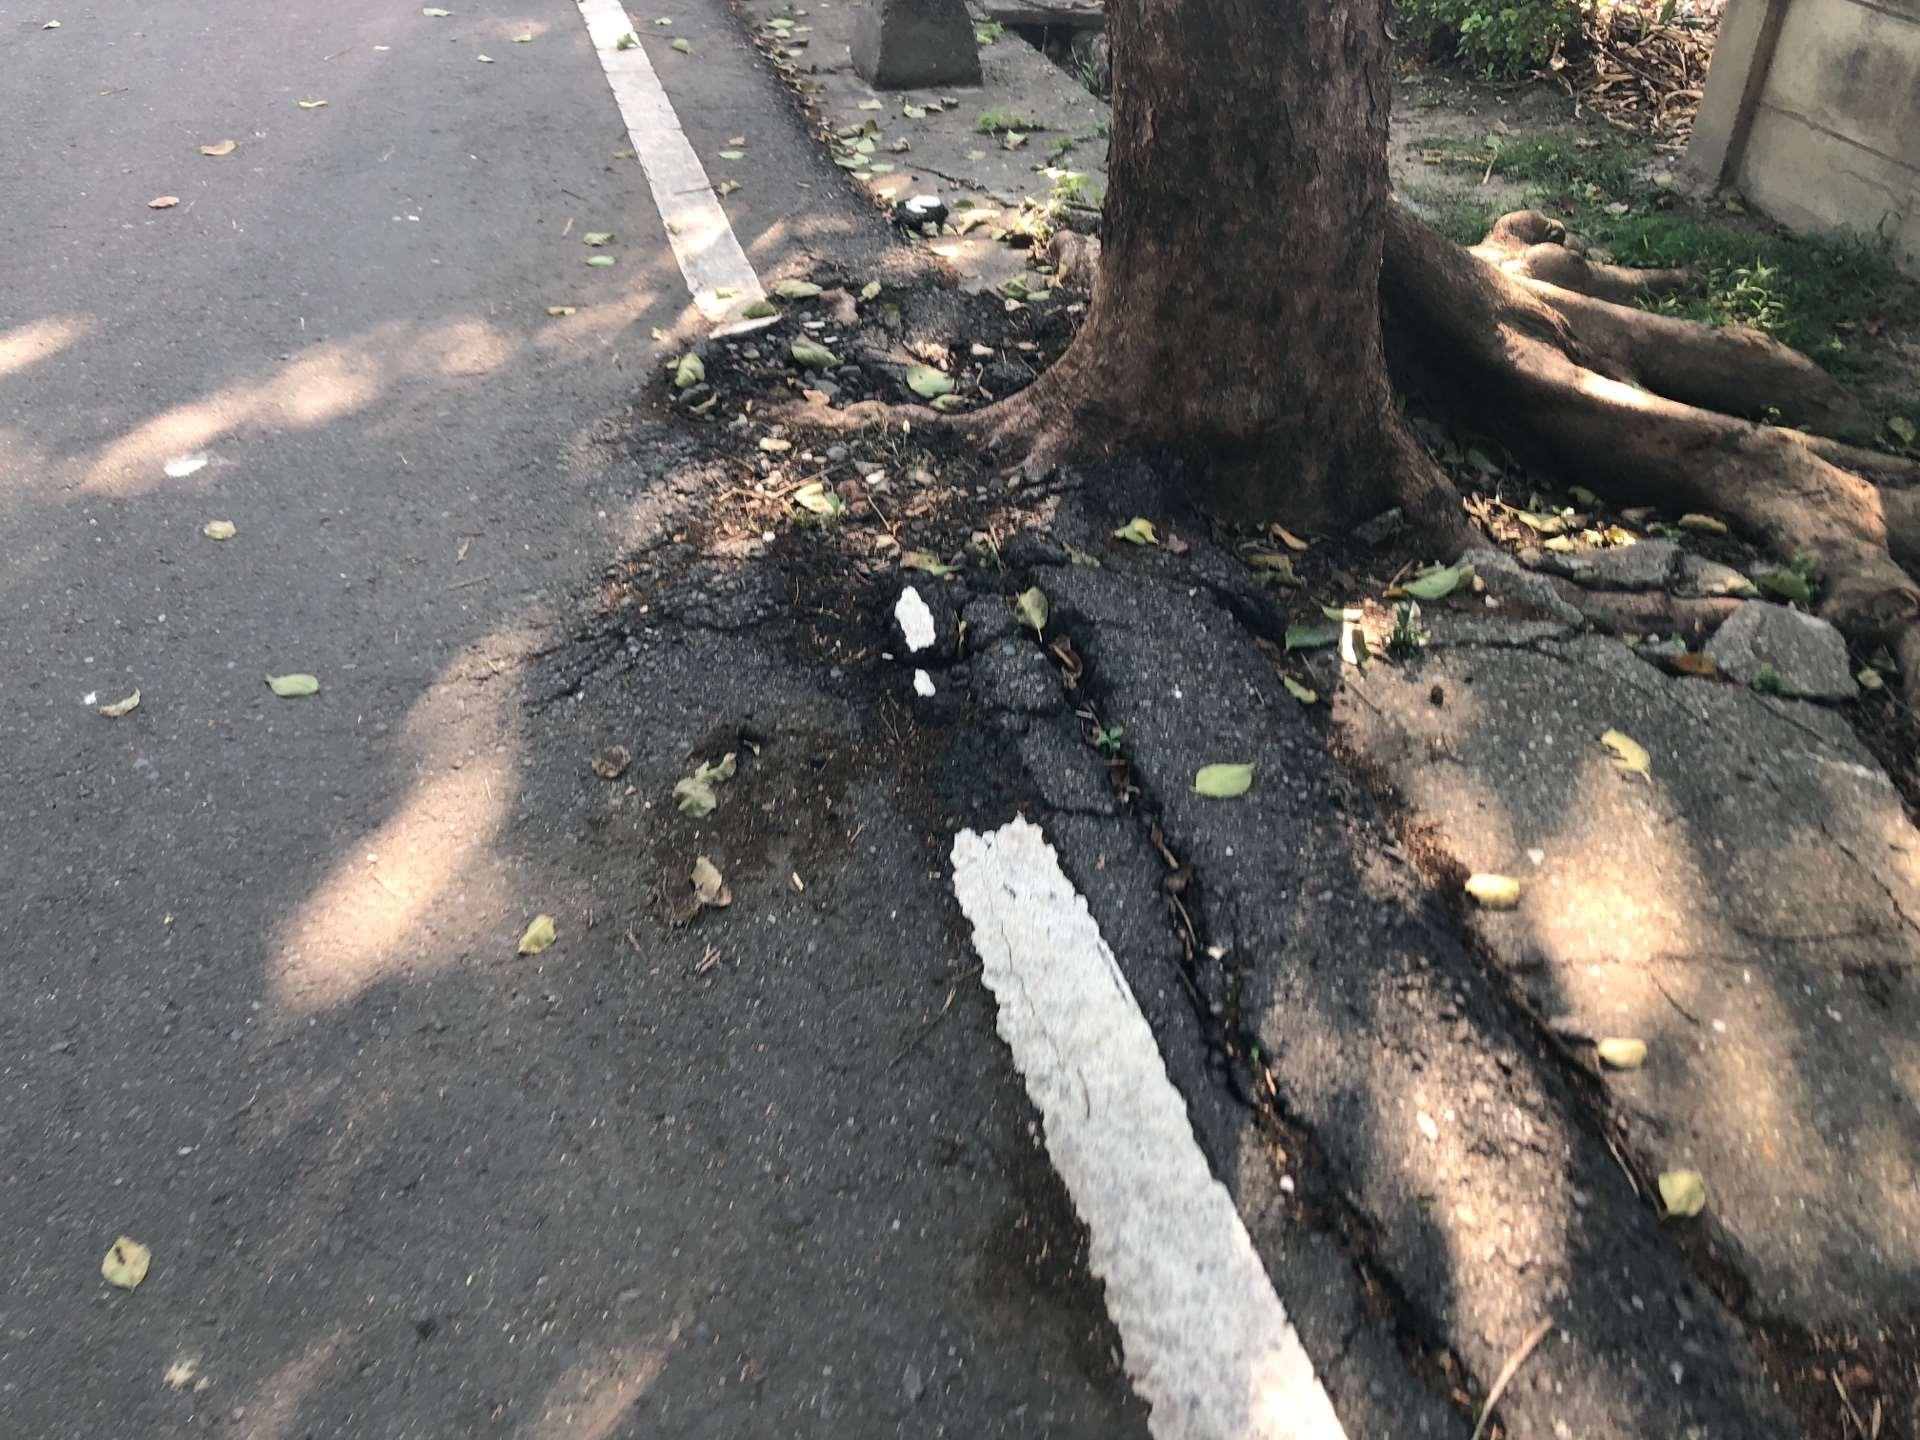 施工前-根系撐破鋪面  路面凹凸不平